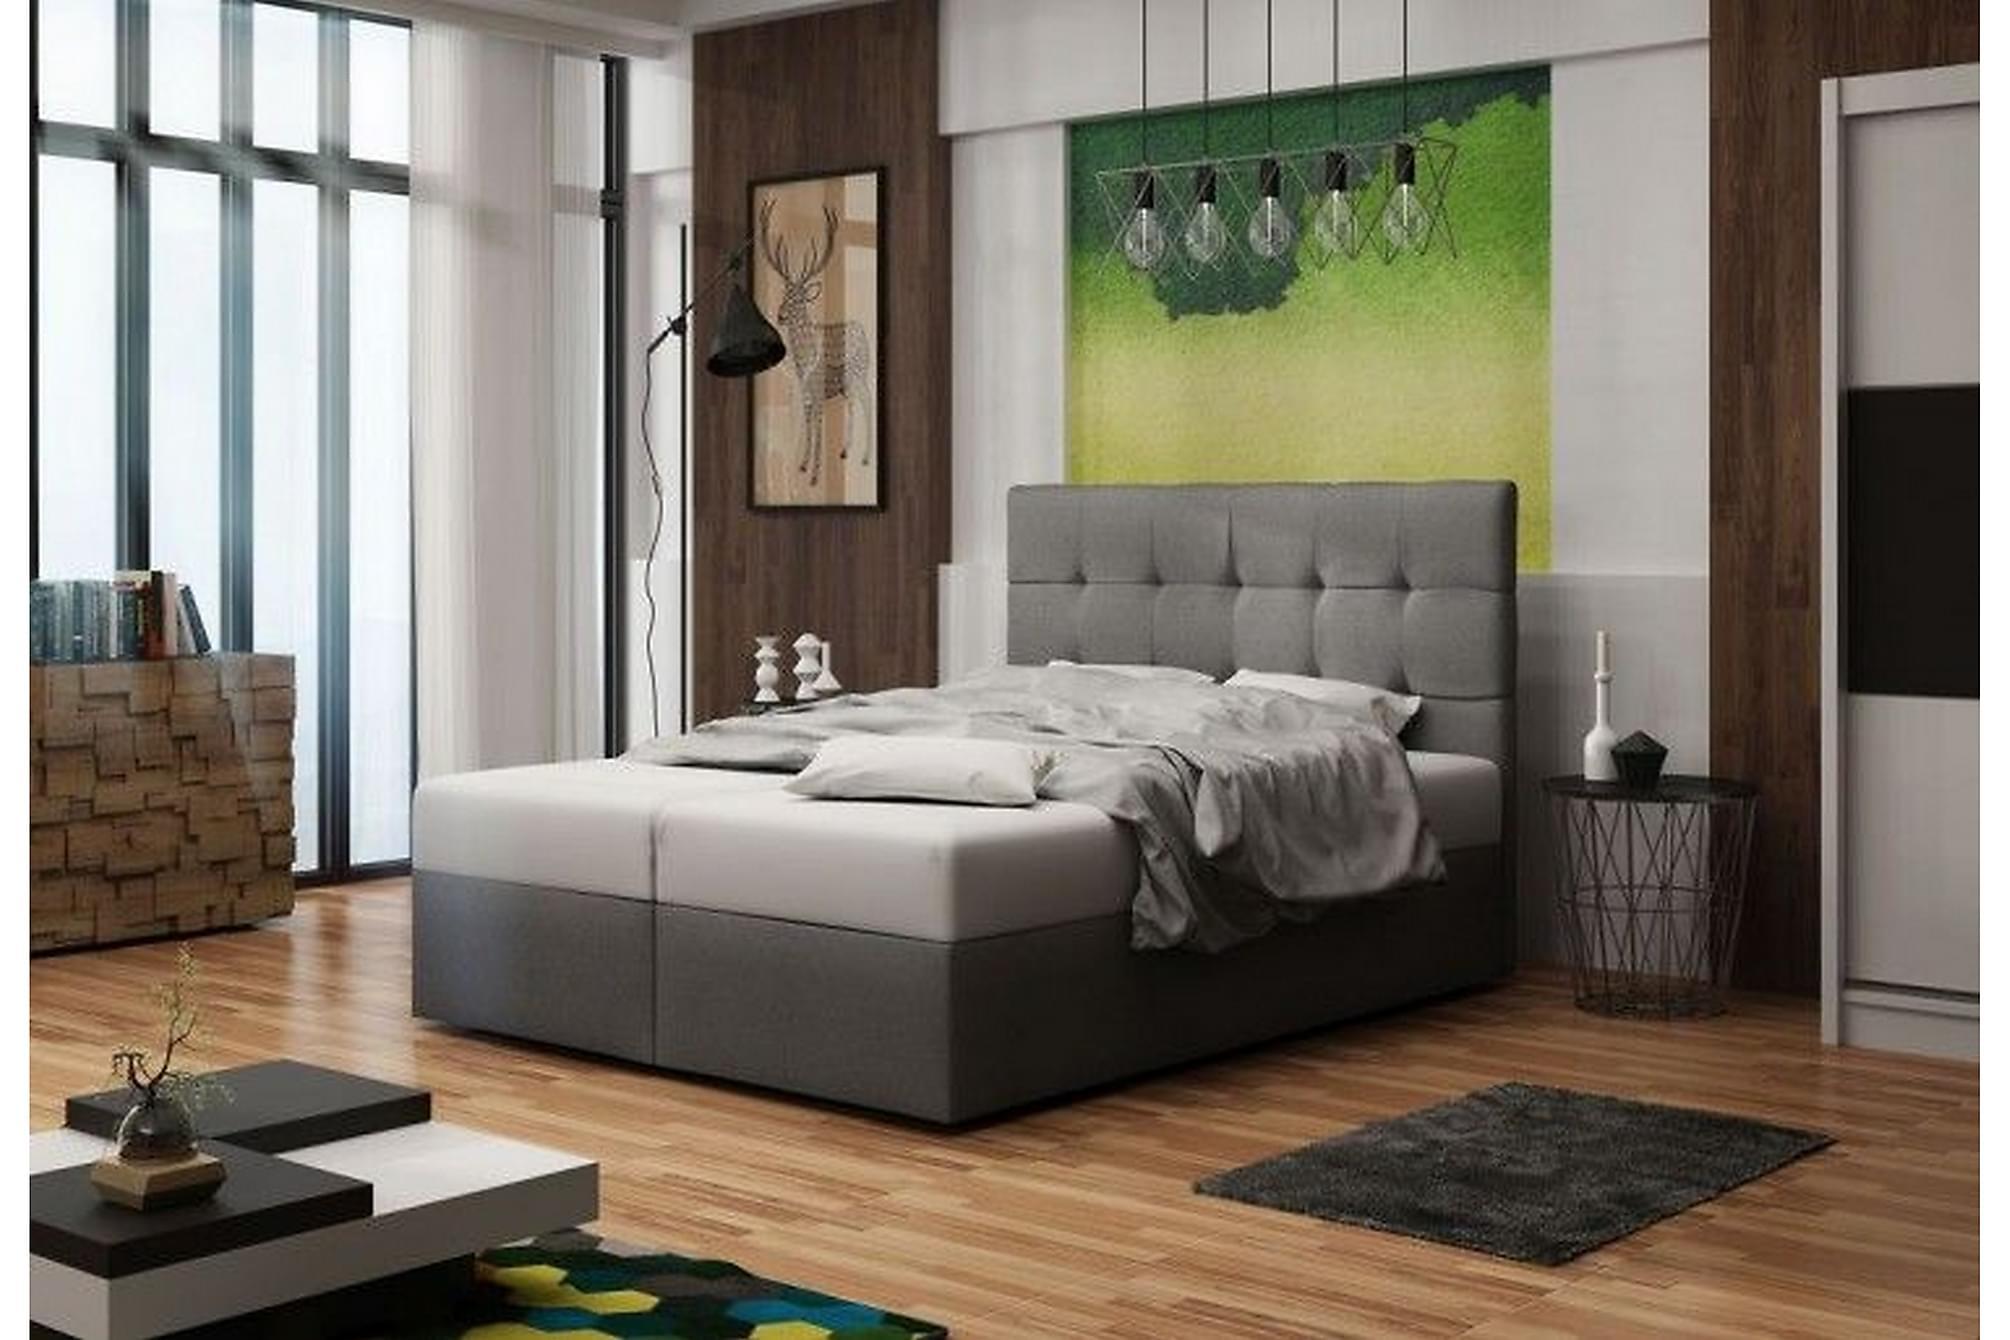 BEVERLEY Sängpaket 180 Grå, Komplett Sängpaket